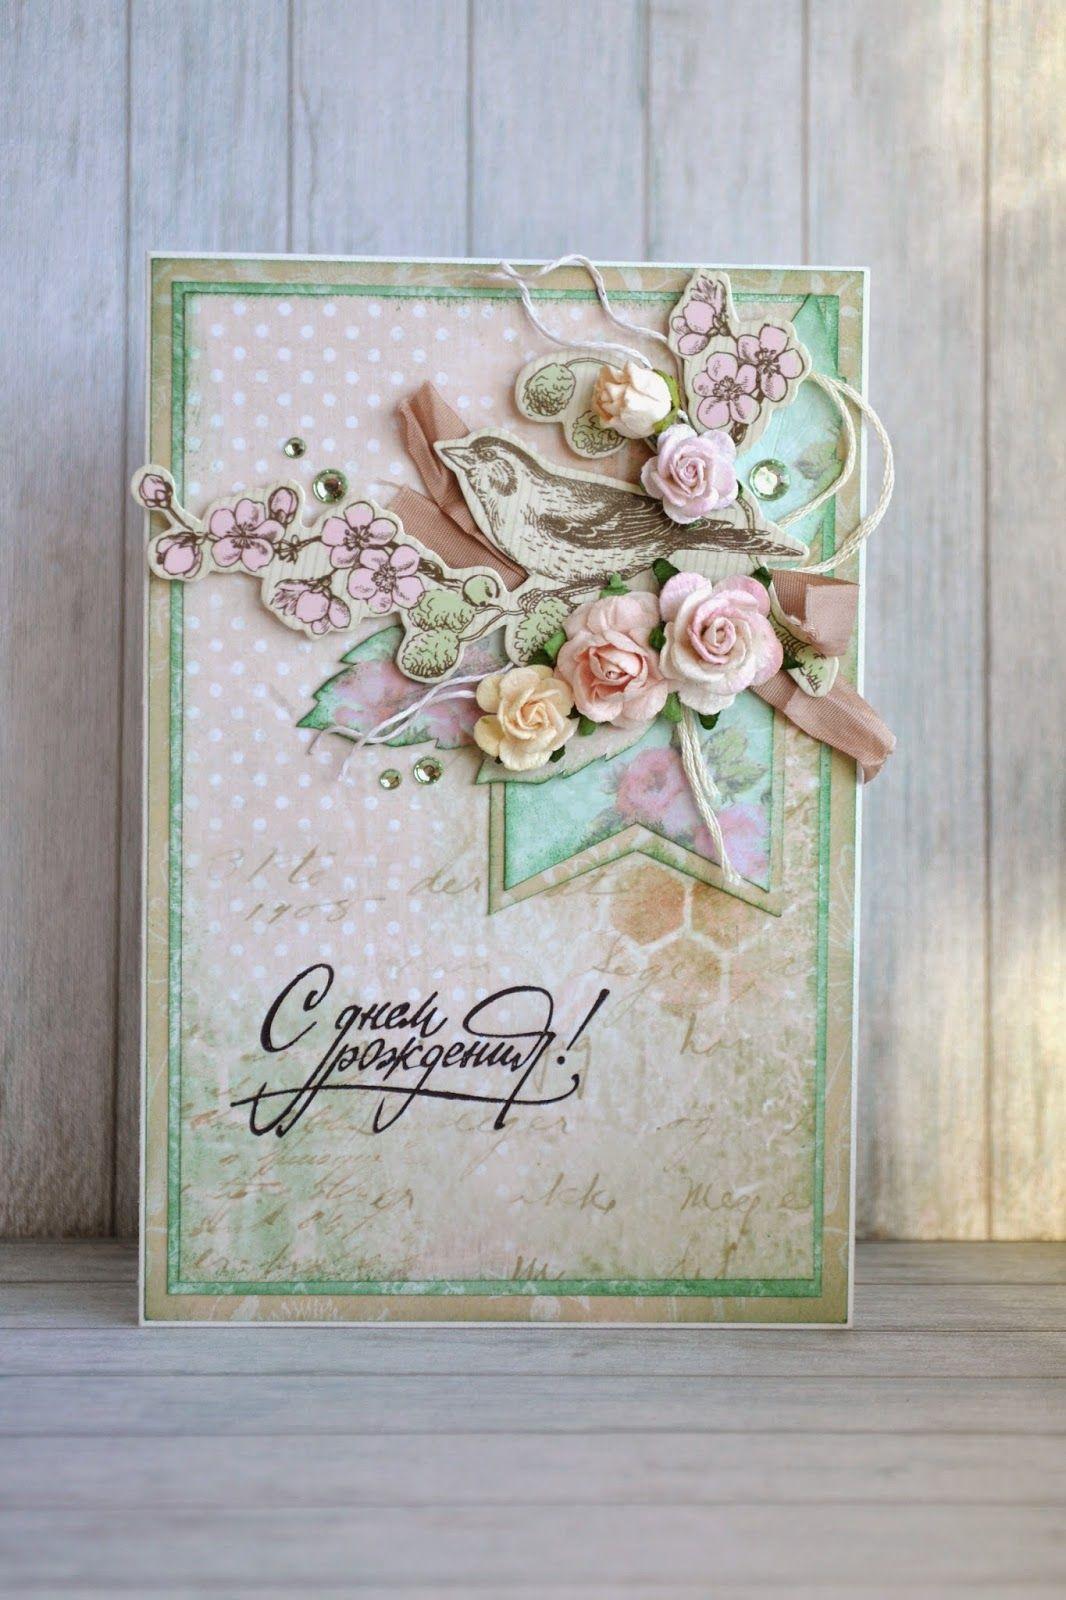 для вас скрап открытка с уголком поздравление